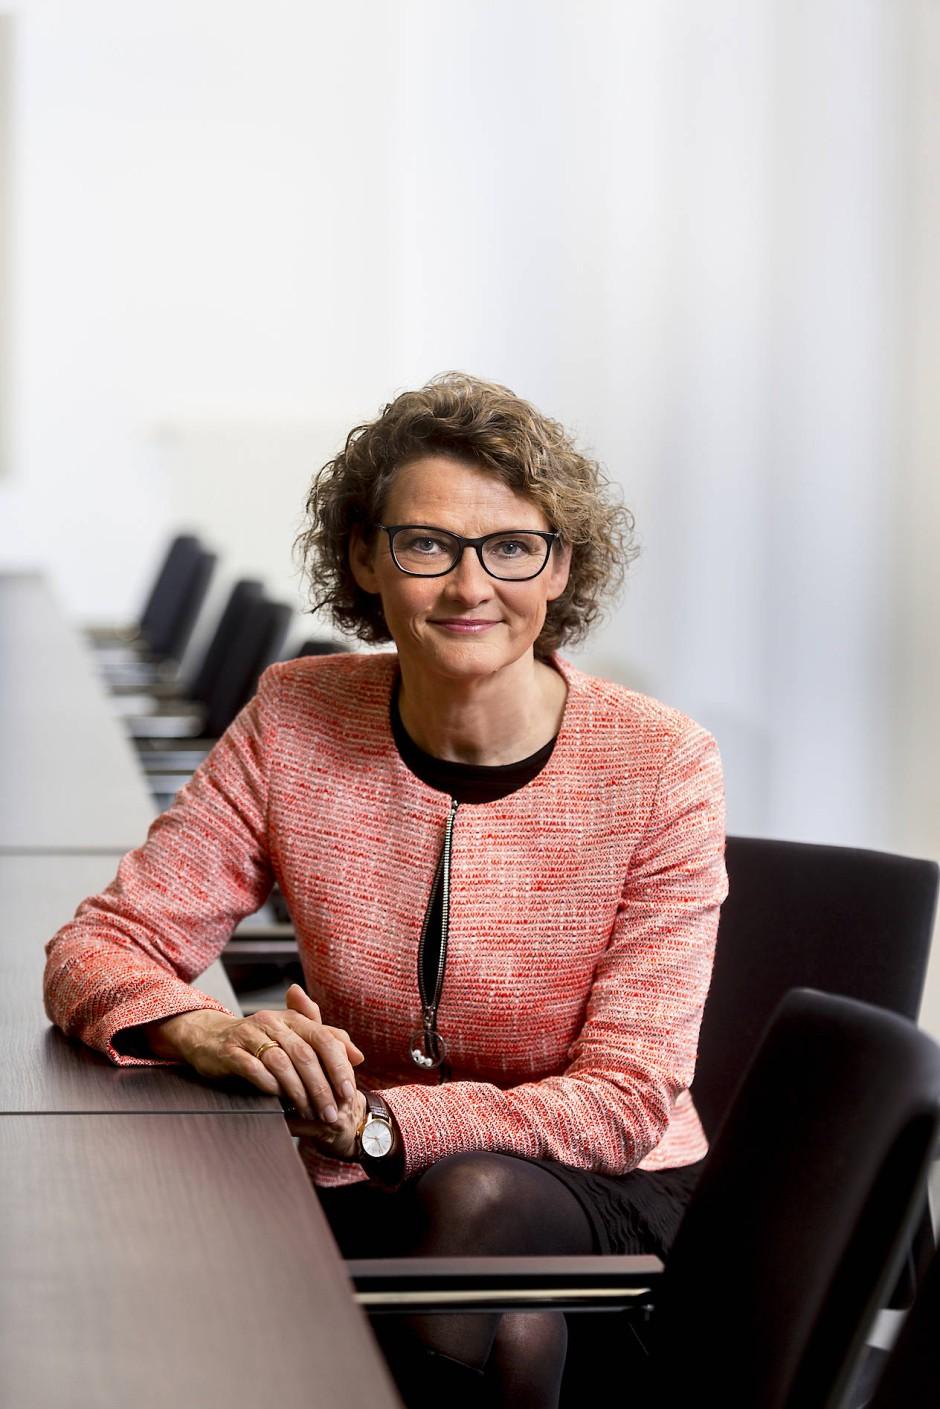 Elke Eller leitet im Reisekonzern TUI das Ressort Human Resources (HR). Zudem ist sie Präsidentin des Bundesverbands der Personalmanager (BPM).